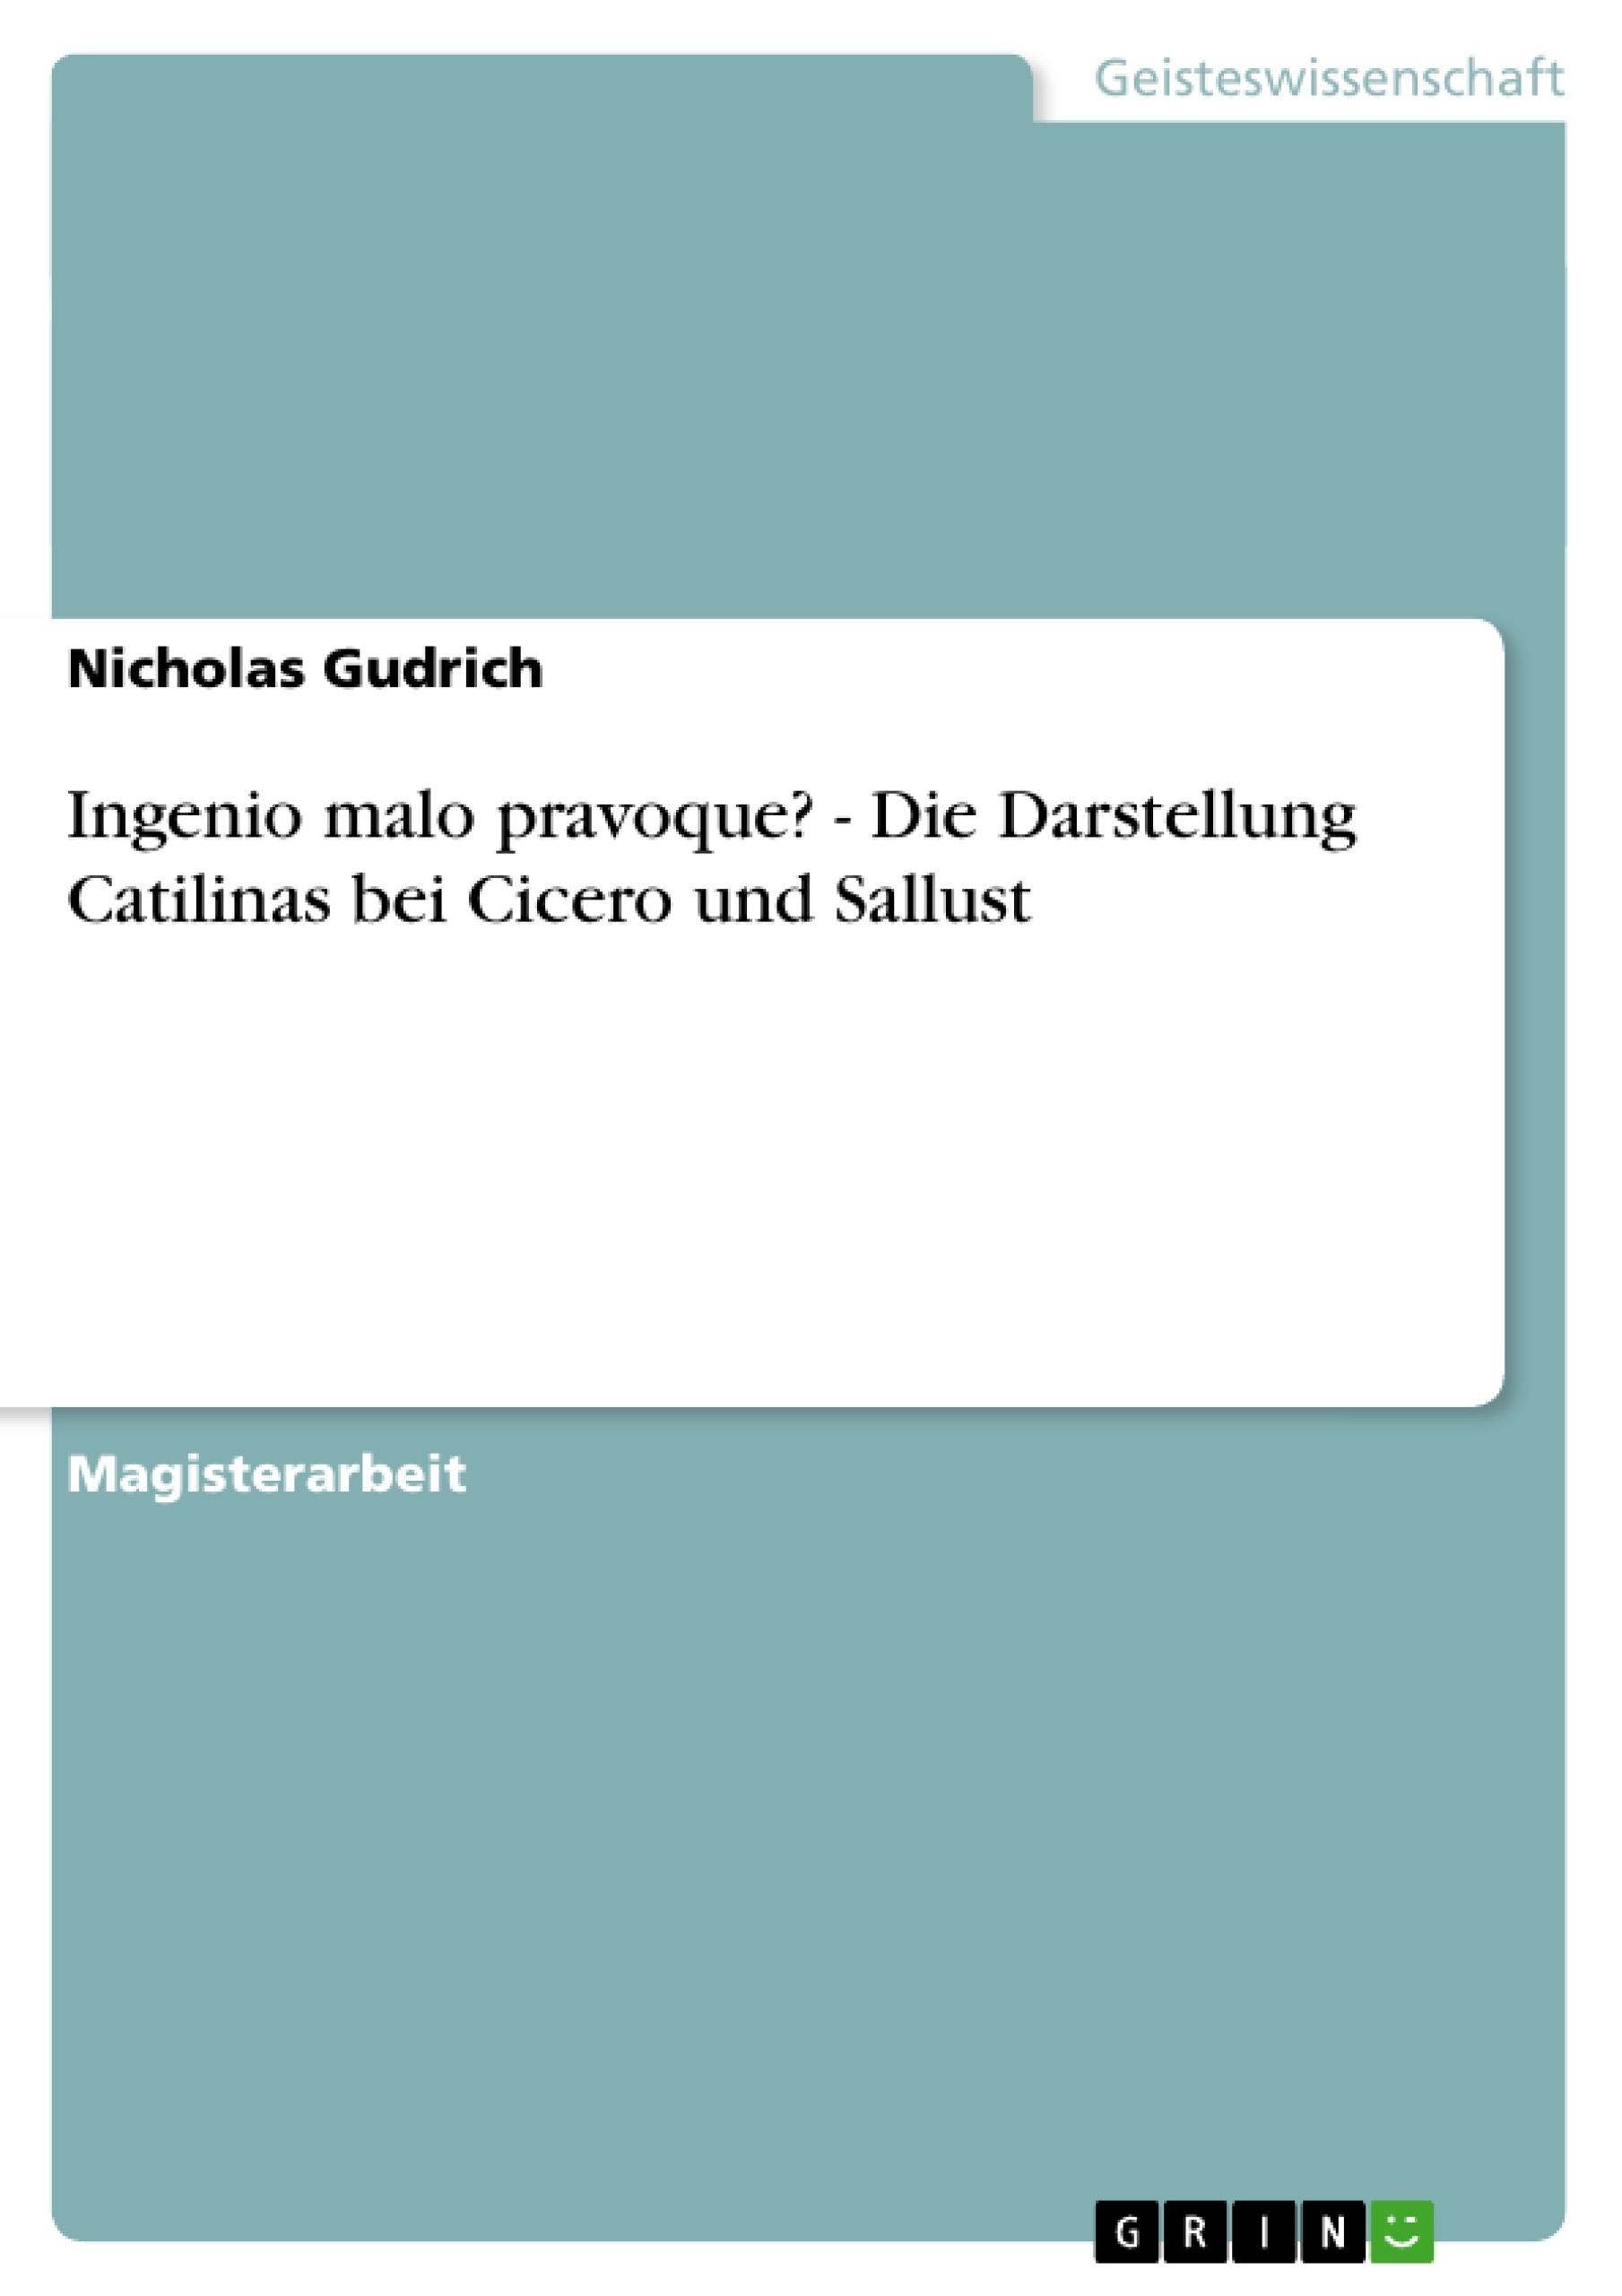 Titel: Ingenio malo pravoque? - Die Darstellung Catilinas bei Cicero und Sallust